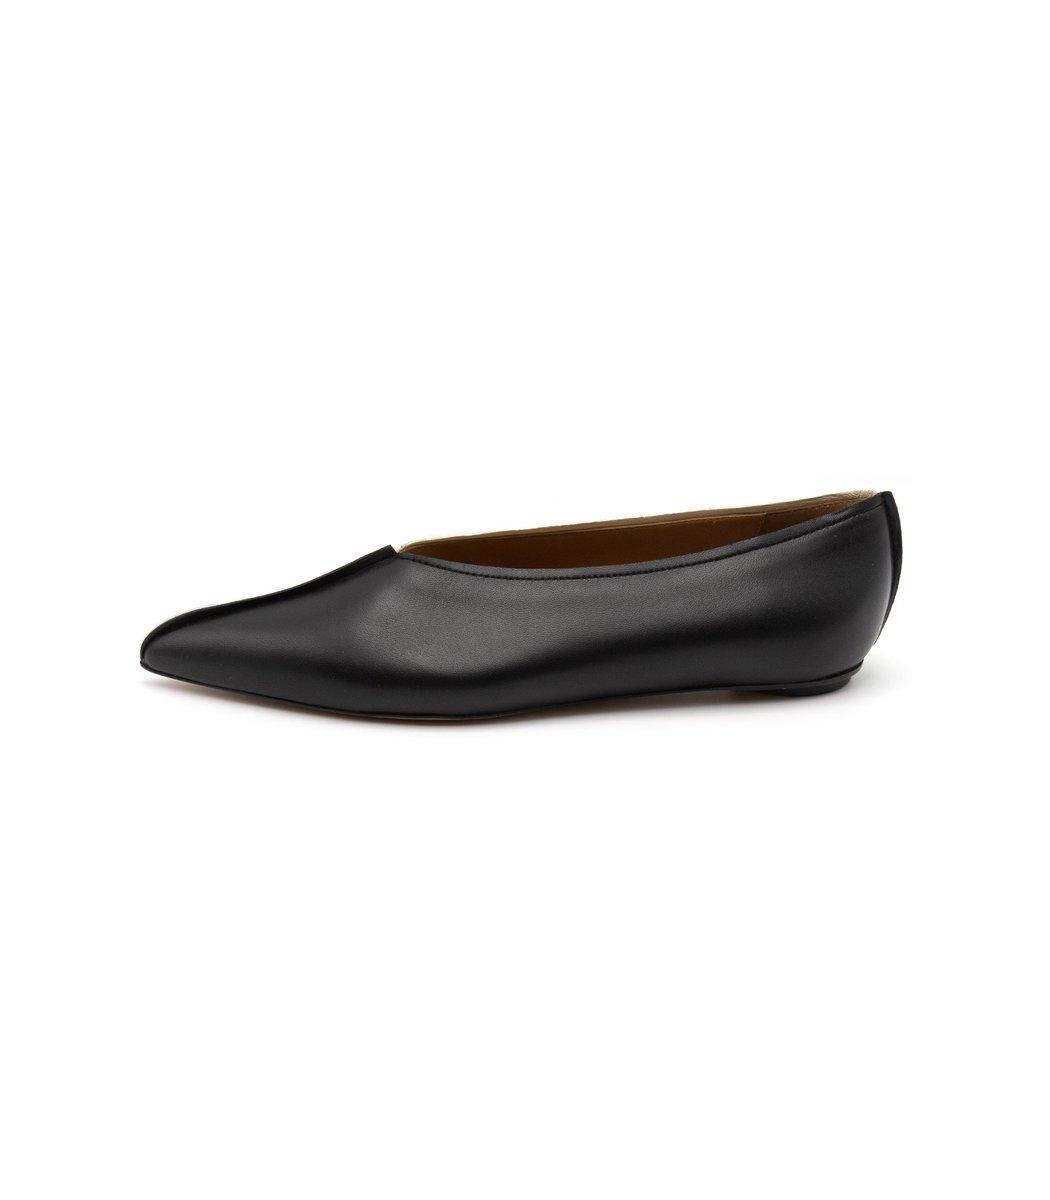 Marni Bi-Color Dancer Shoe in Black/Alabaster